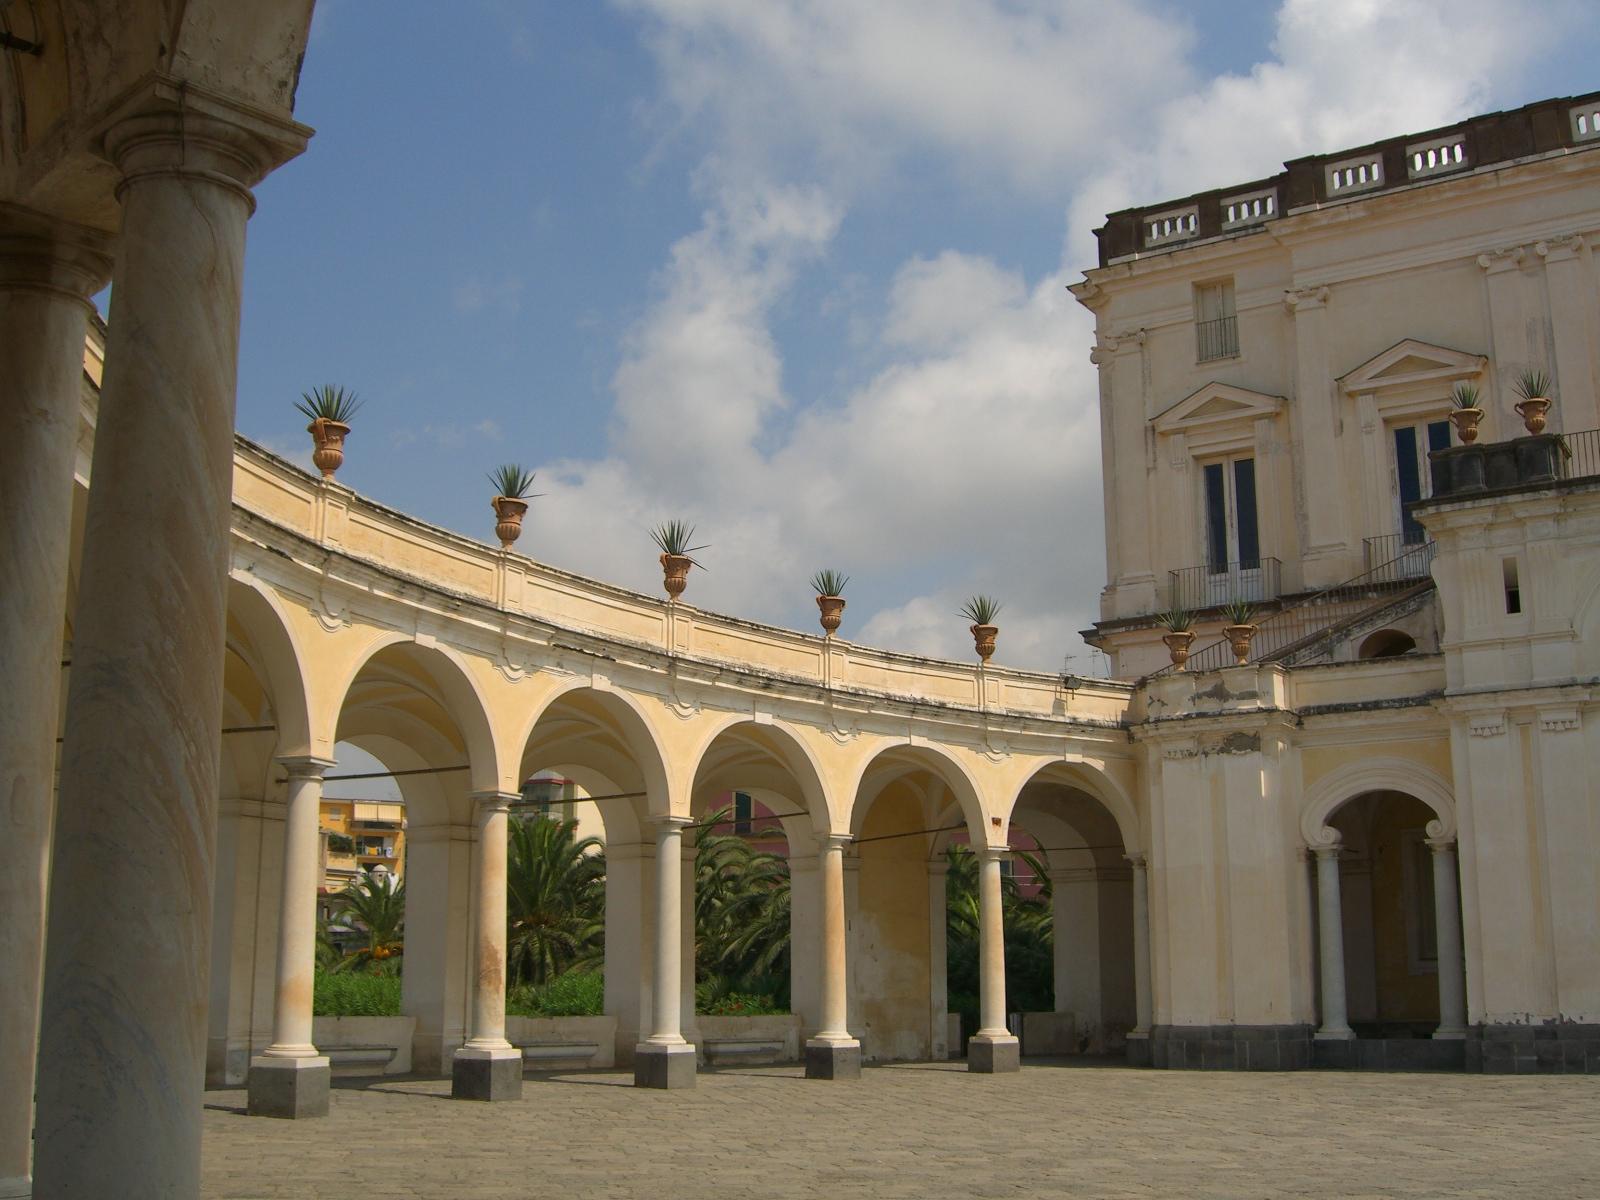 """Ercolano: """"Il Territorio vesuviano"""" – Incontri e seminari a cura della Fondazione Ente Ville Vesuviane"""